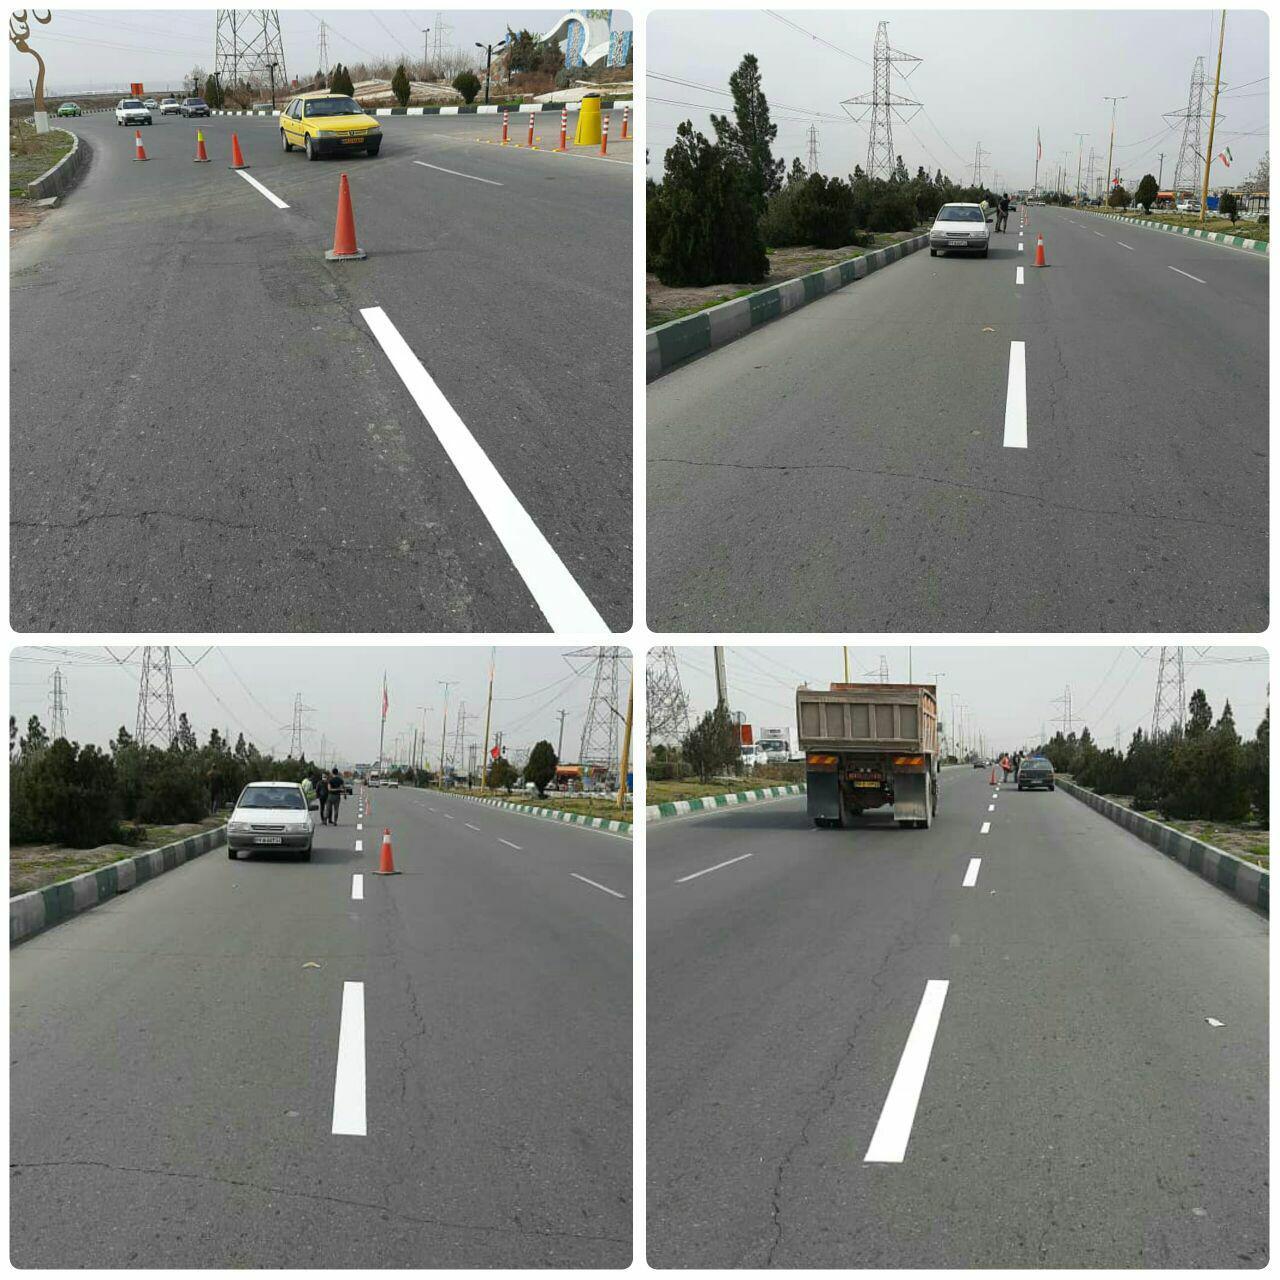 اجرای عملیات خط کشی محوری معابر به طول ۷ کیلومتر در ورودی شهر پرند